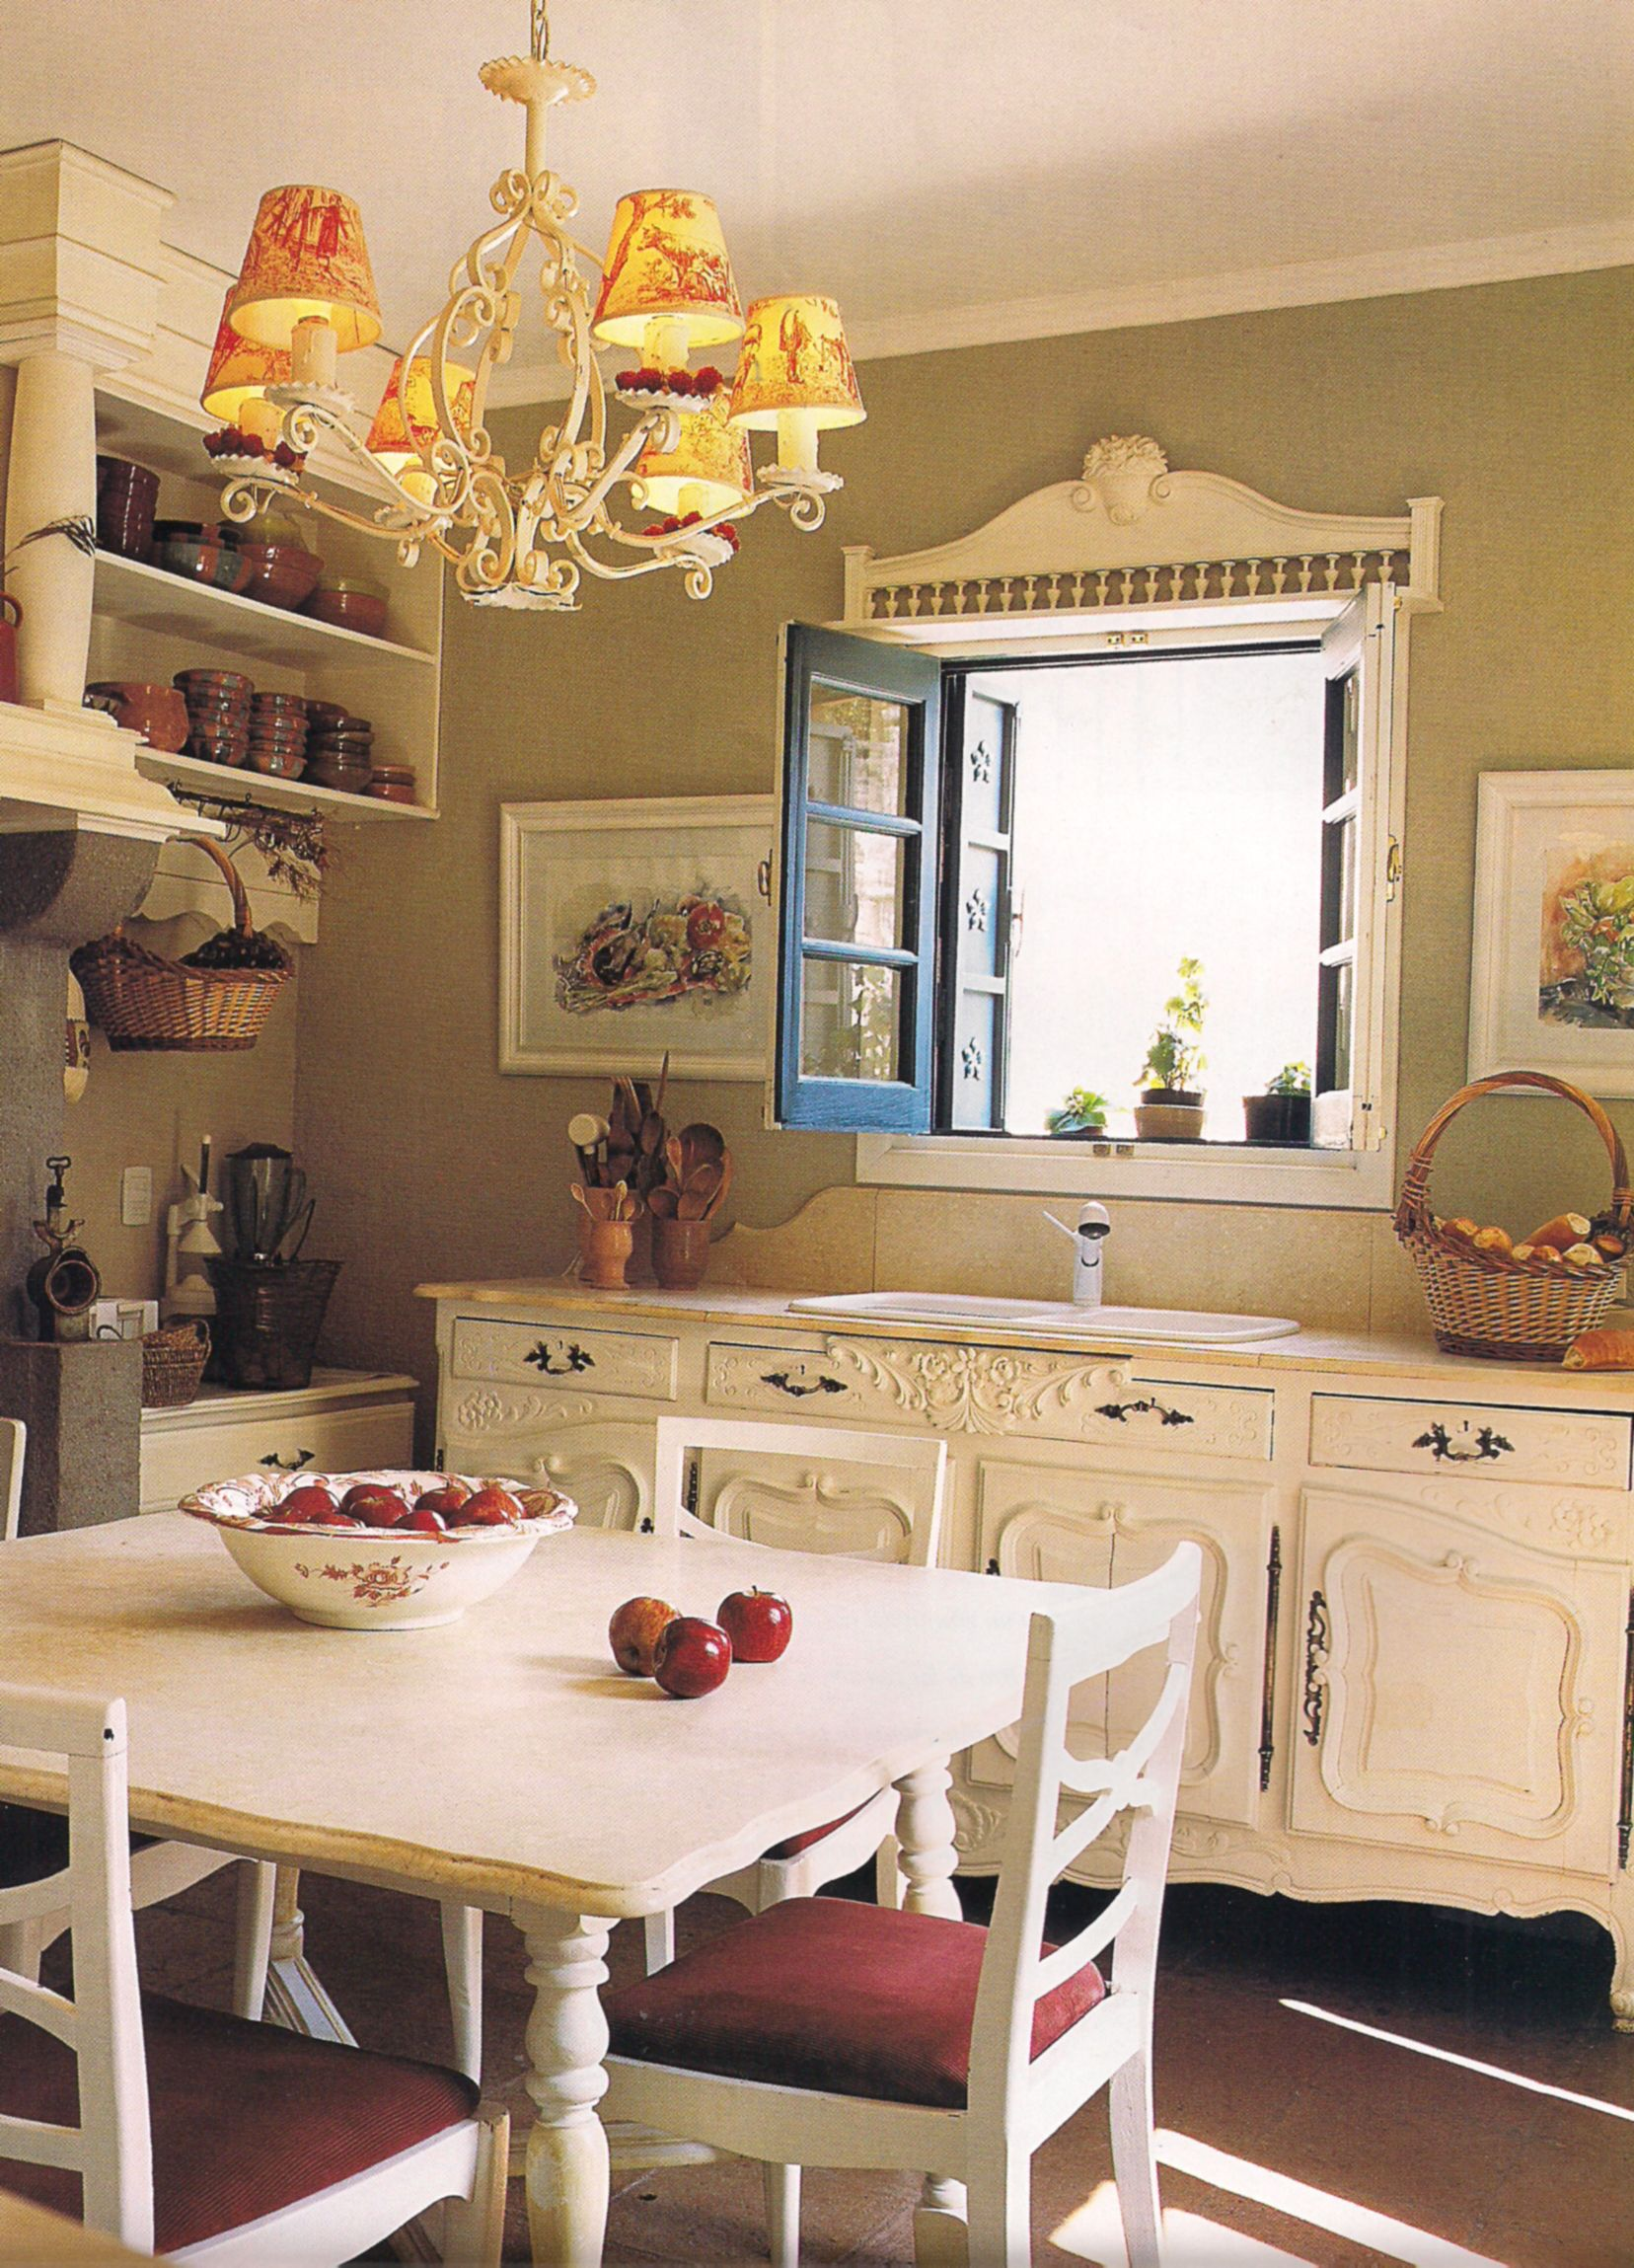 Mueble antiguo pintado de blanco y convertido en mueble de cocina ...